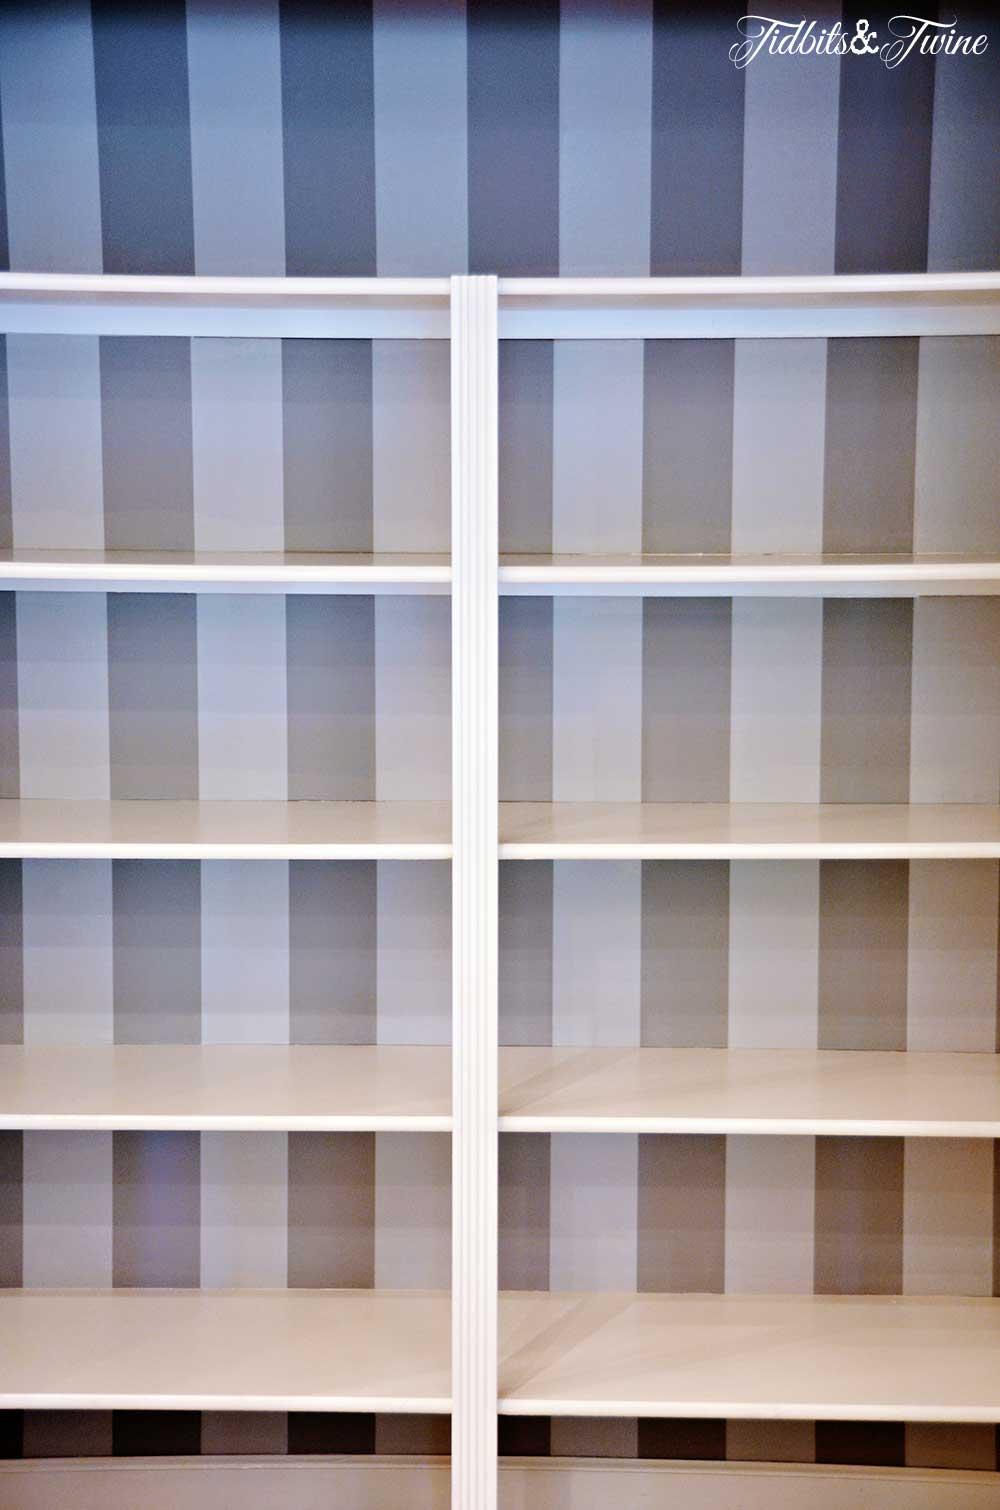 TIDBITS&TWINE Pantry Wallpaper 2